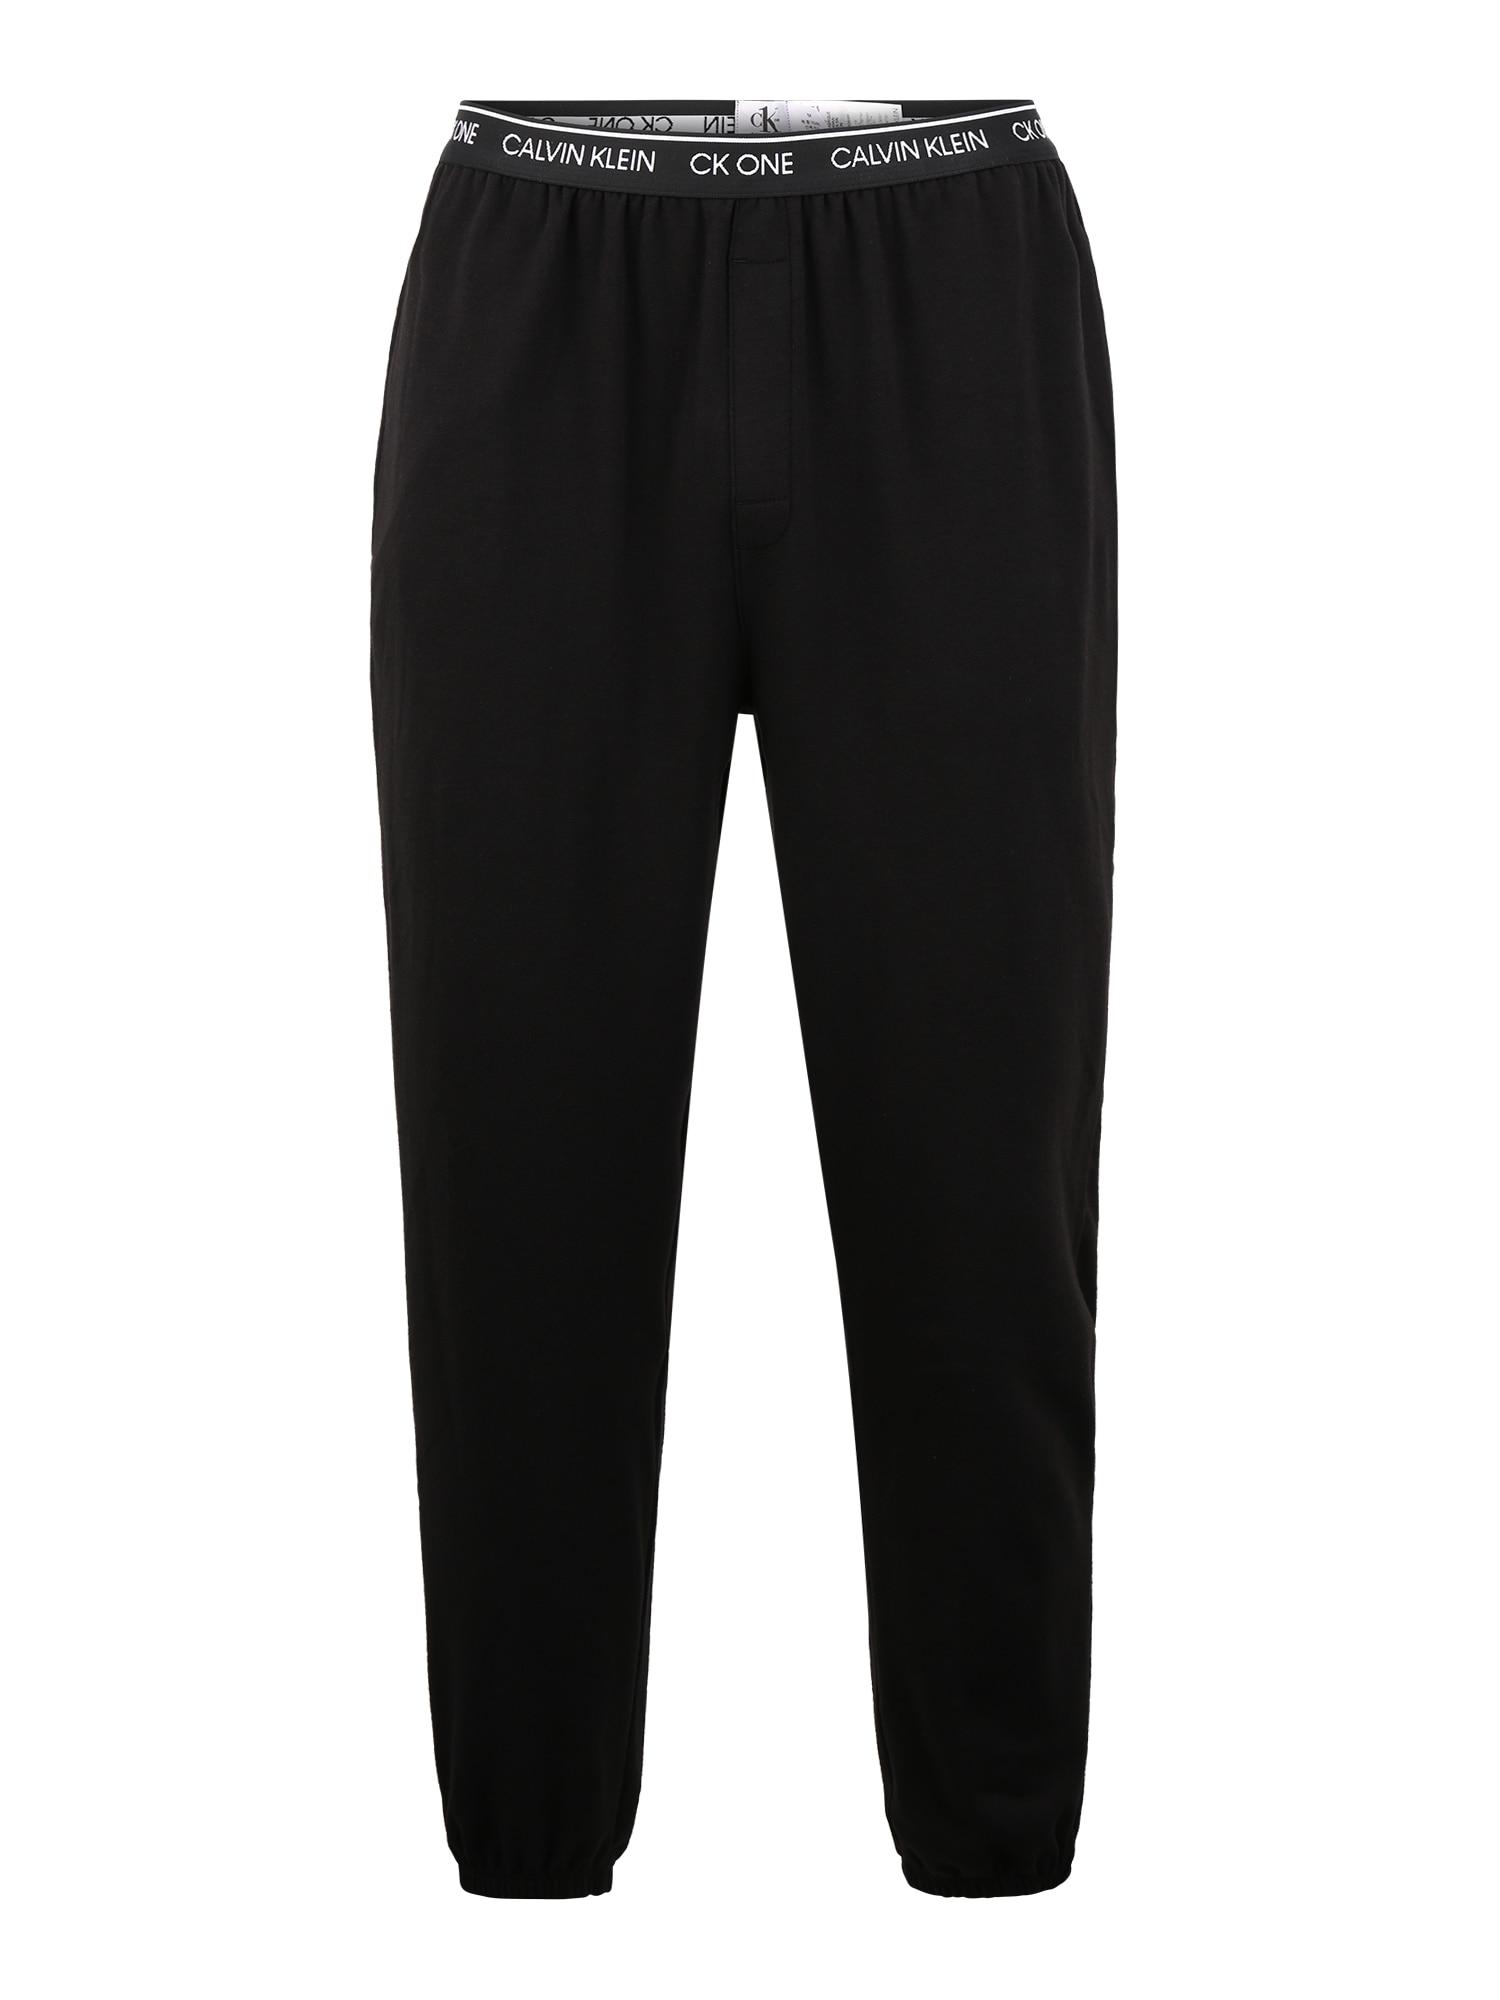 Calvin Klein Underwear Pižaminės kelnės juoda